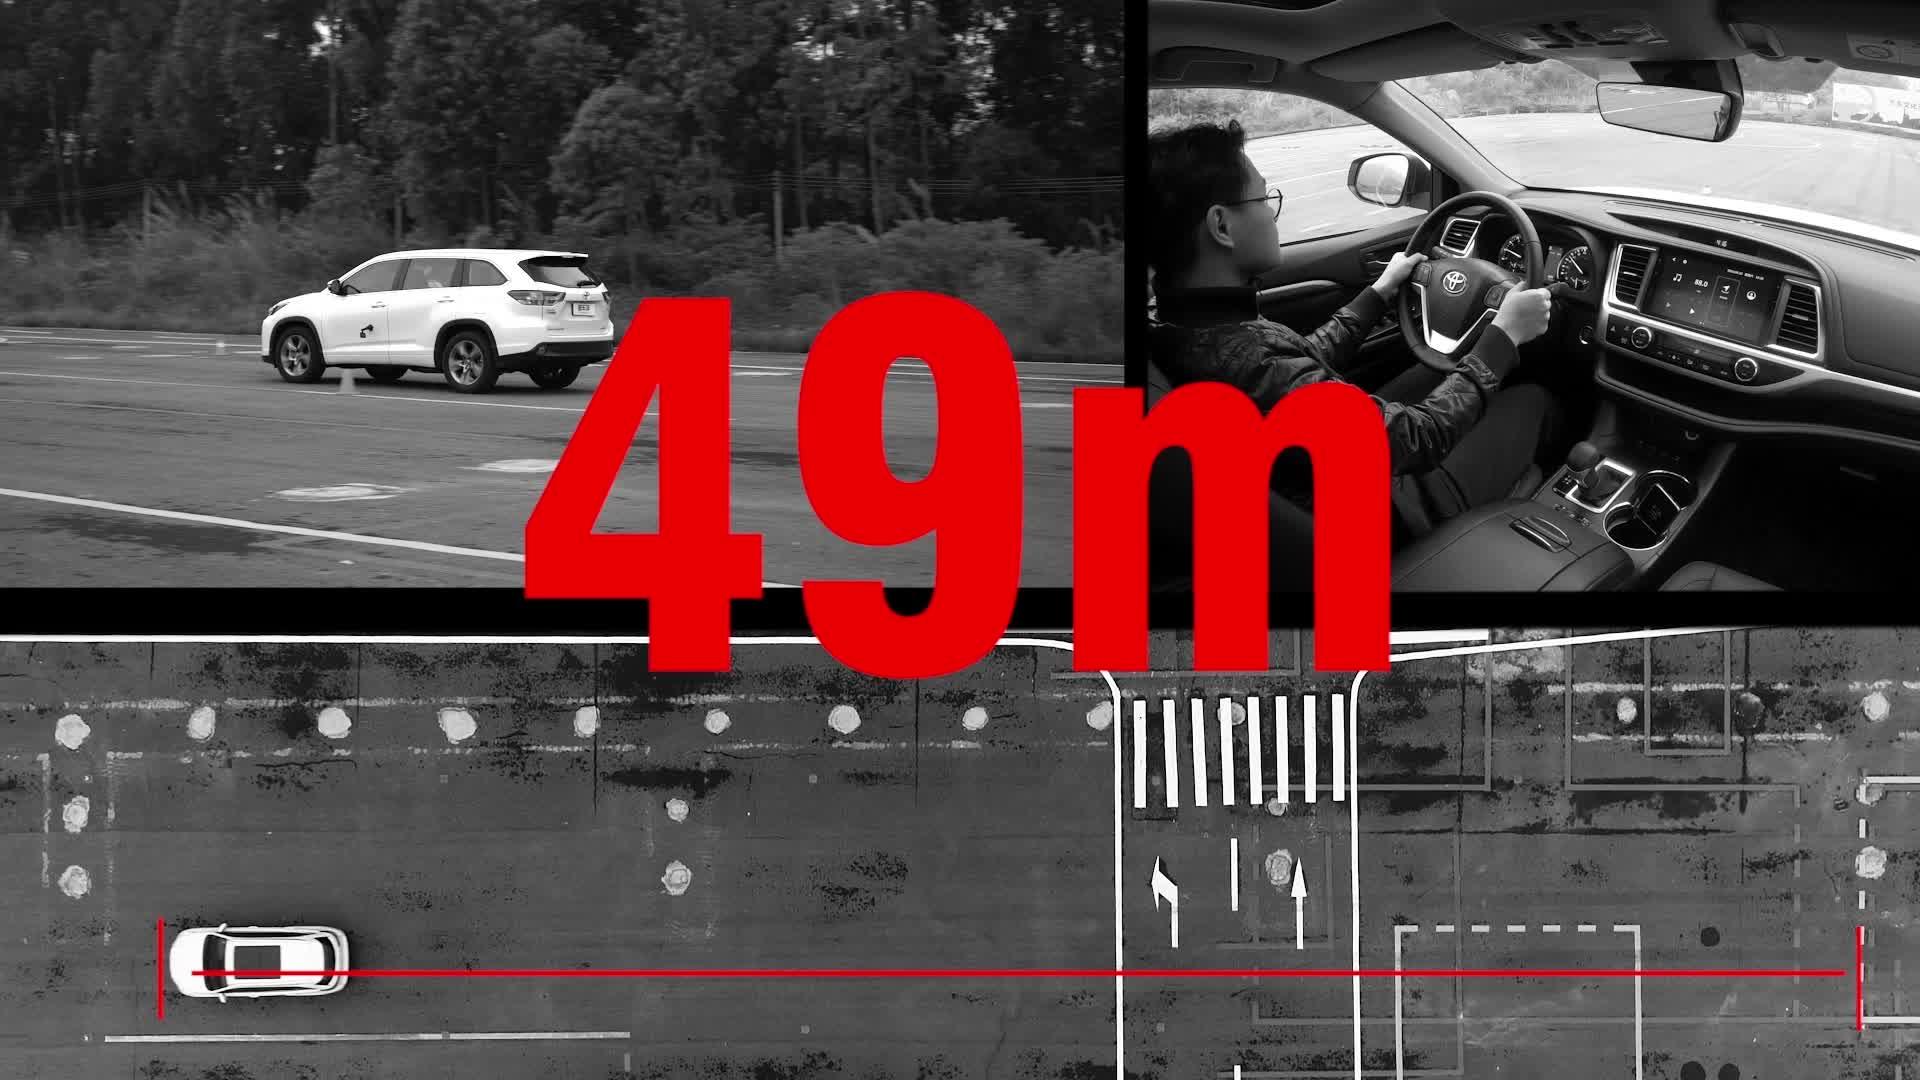 《原来是这样》车载辅助为用车生活所带来的安全系数有多高?